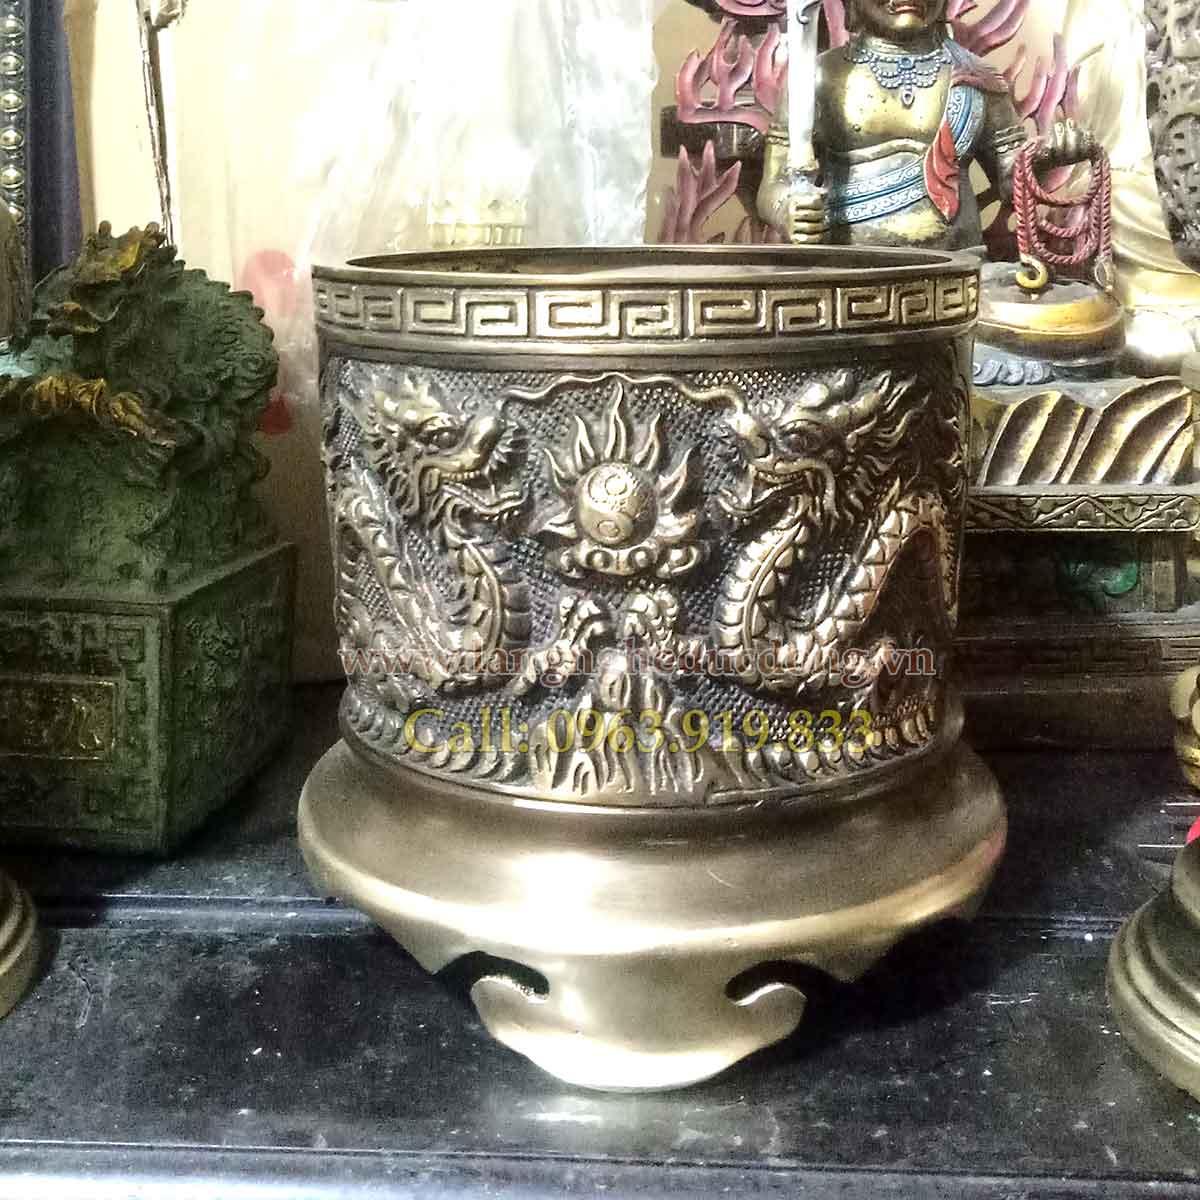 langngheducdong.vn - bát hương đồng, bán bát hương đồng, bát hương đồng mẫu song long chầu nguyệt